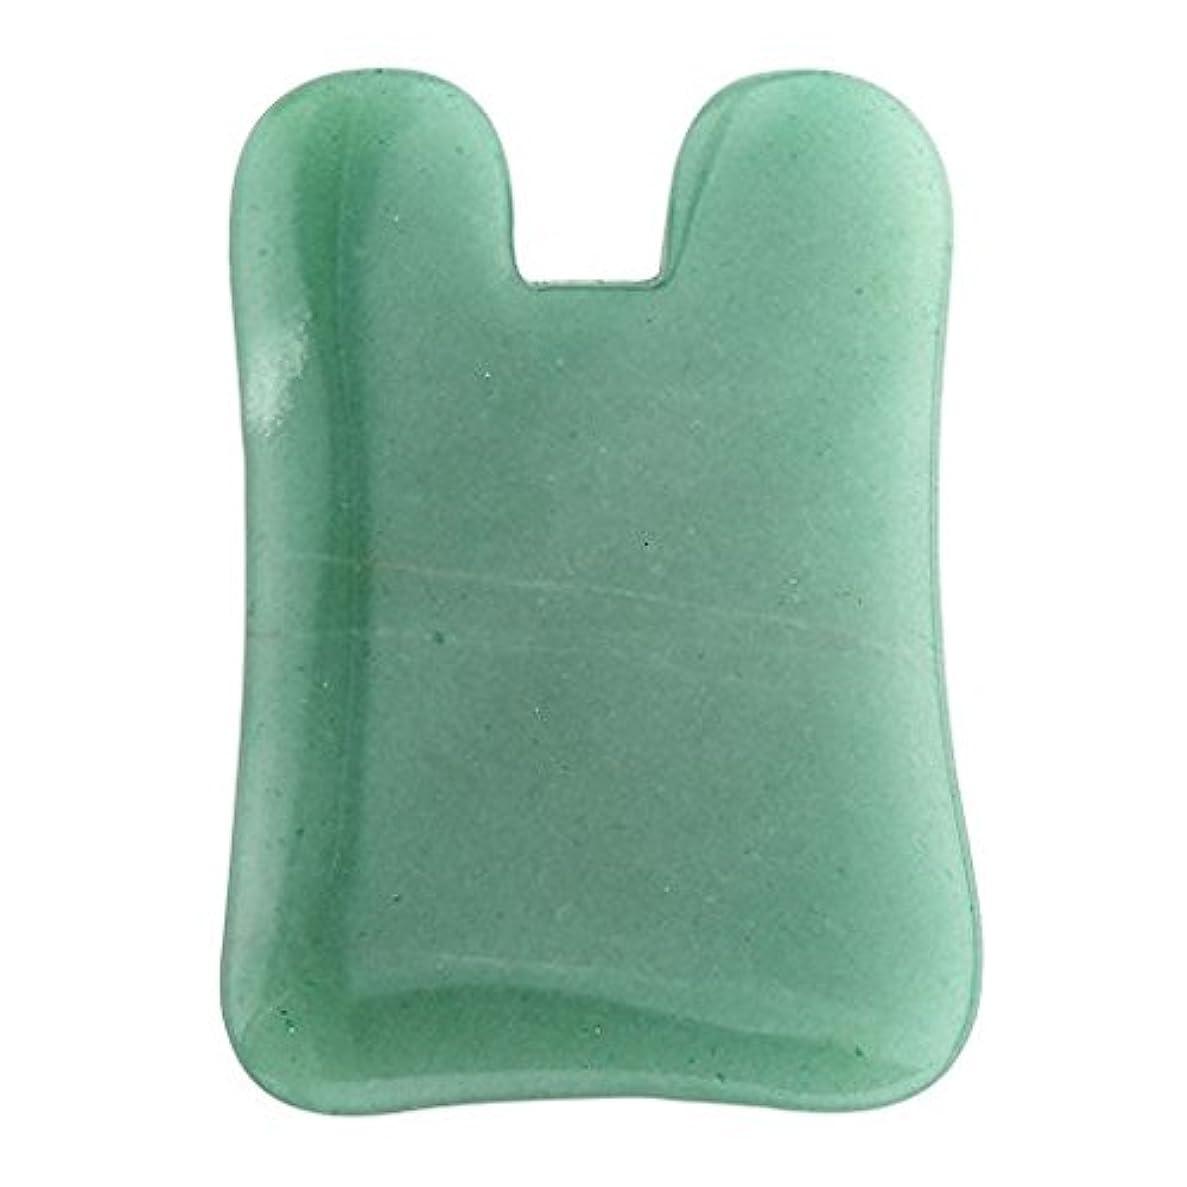 娘ヨーグルトお別れ1pc Face/Body Massage Jade Adventurine Natual stone Gua Sha acupress toolジェイドかっさプレート 翡翠かっさ,顔?ボディのリンパマッサージ (U shape)